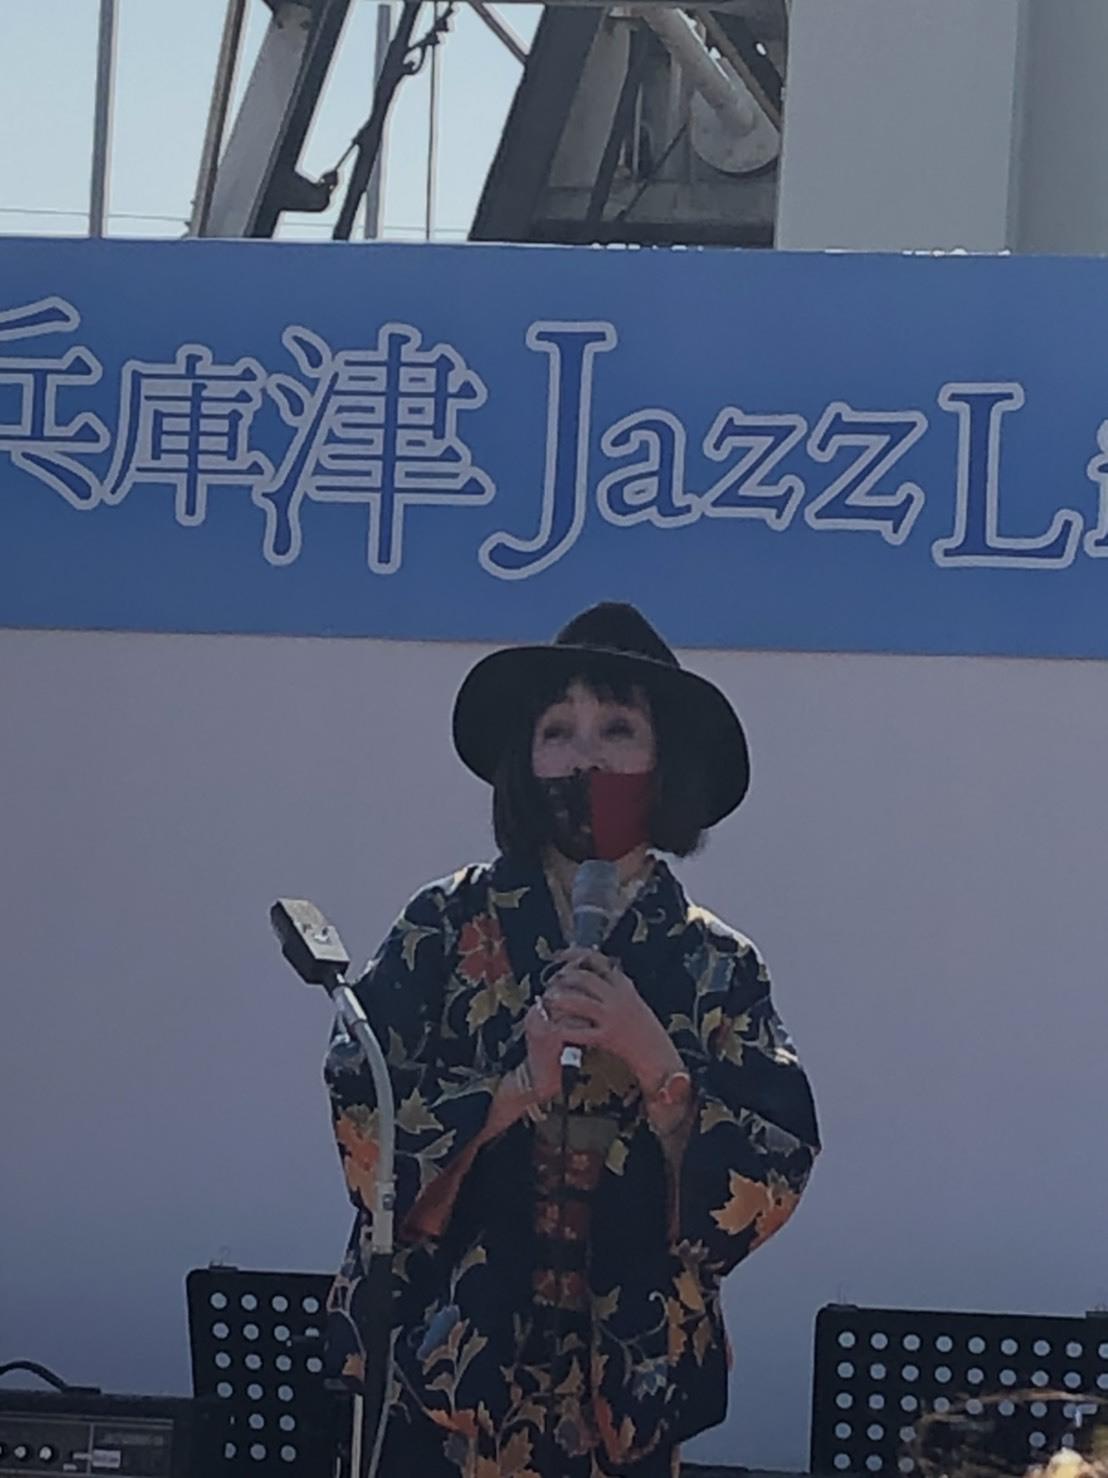 神戸から、秋晴れの下で「兵庫津Jazz Live」_a0098174_22583349.jpg